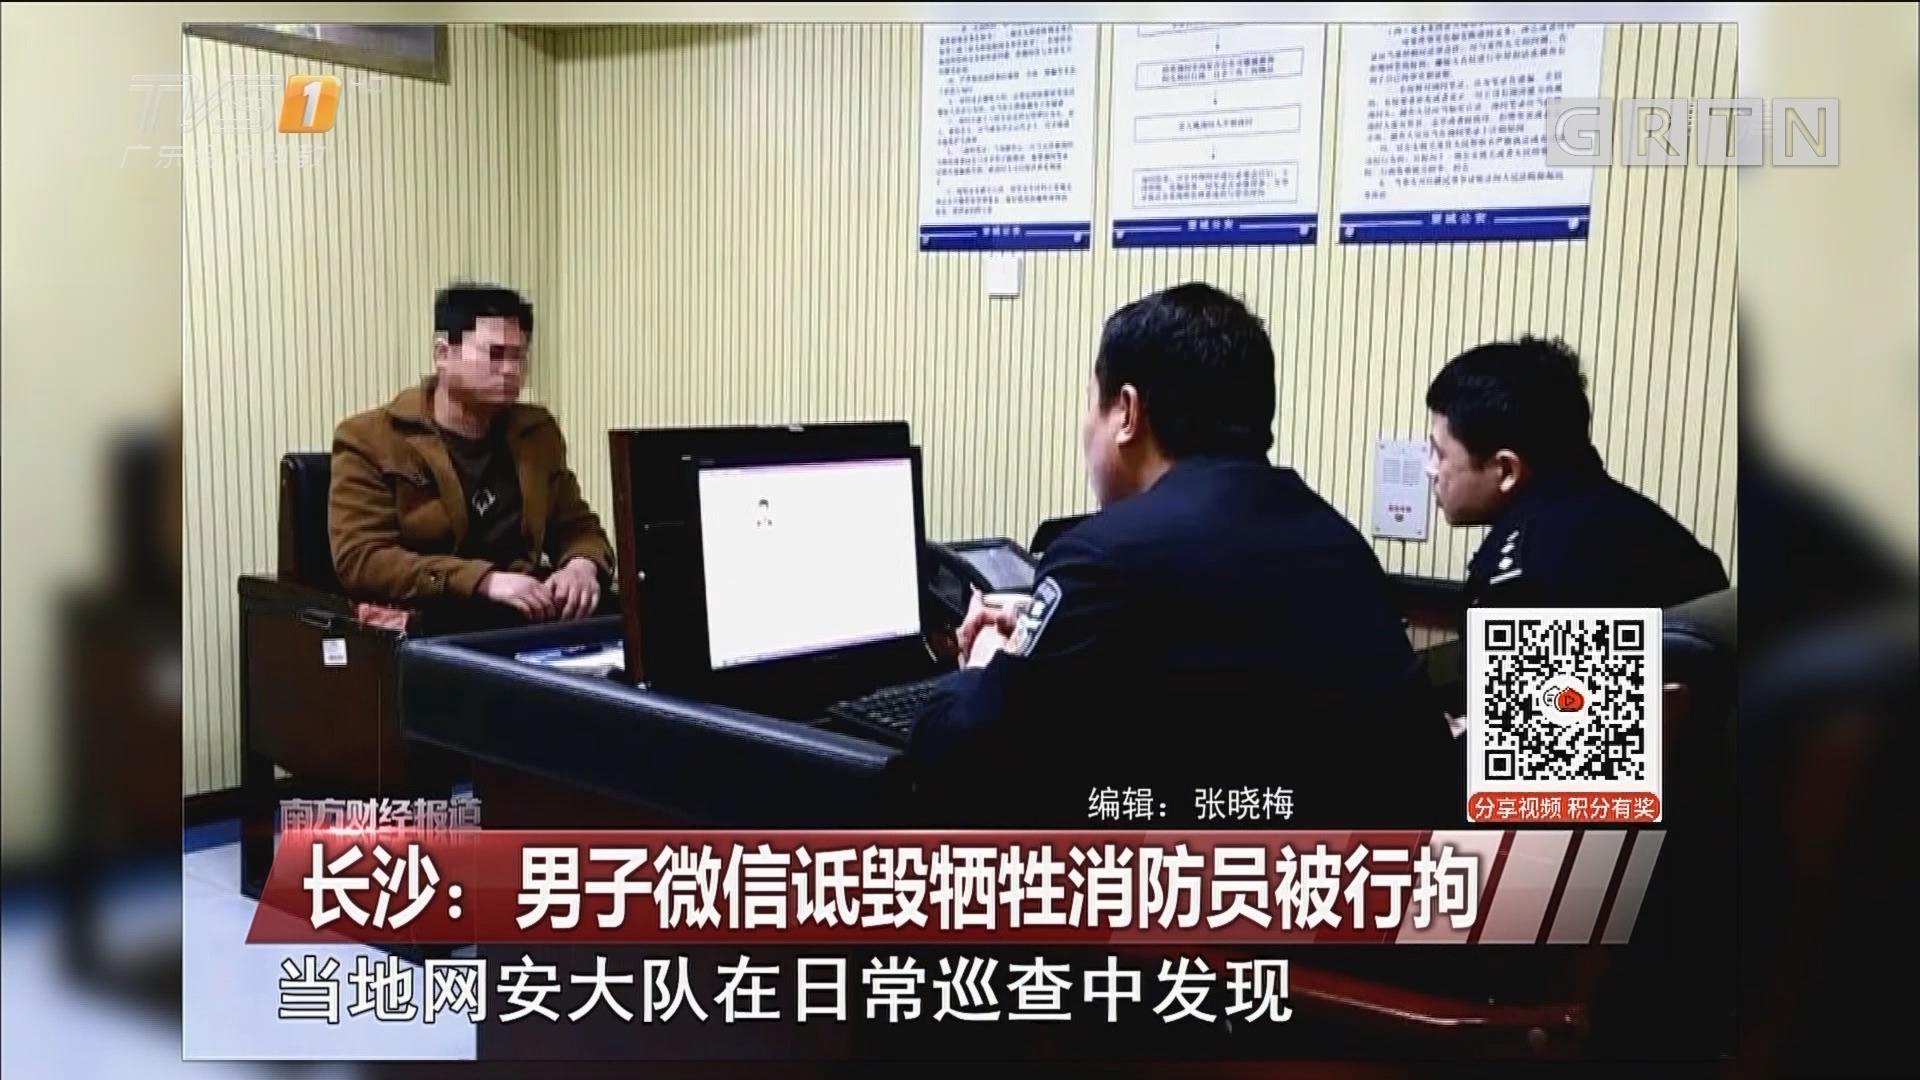 长沙:男子微信诋毁牺牲消防员被行拘